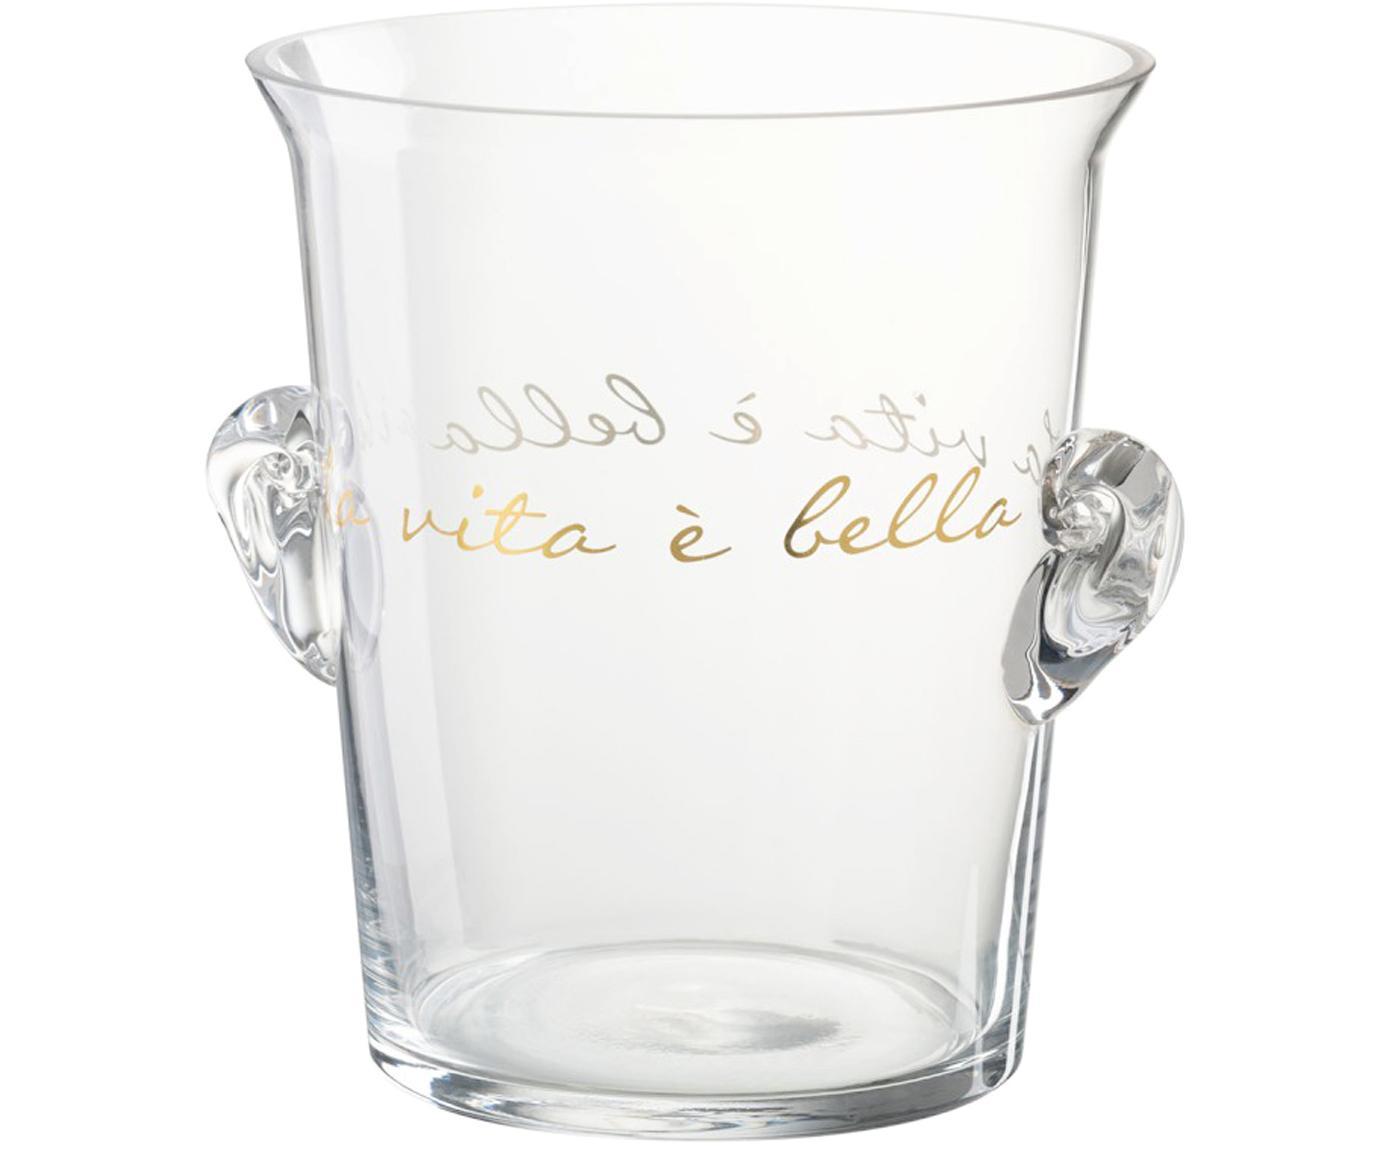 Secchiello per il ghiaccio La Vita, Vetro, Trasparente, dorato, Ø 19 x Alt. 21 cm